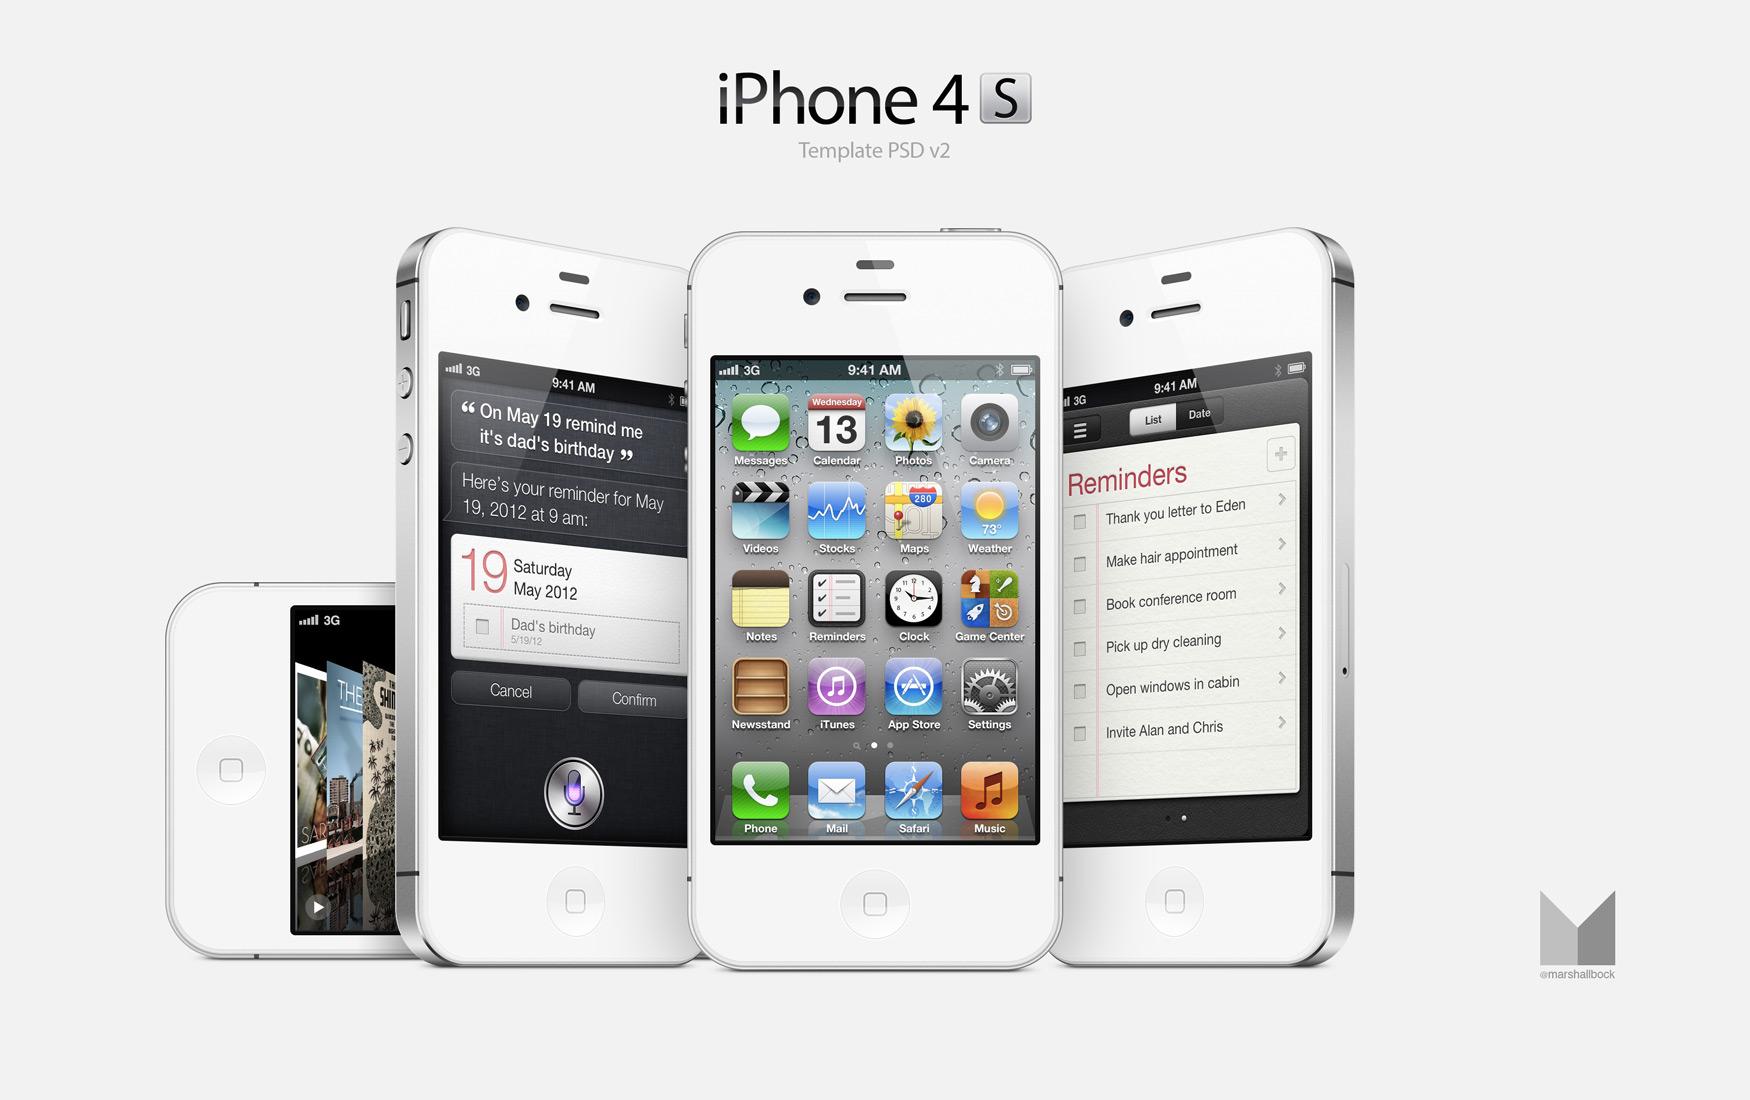 Mua bán điện thoại iphone 4s xách tay giá bao nhiêu 2014